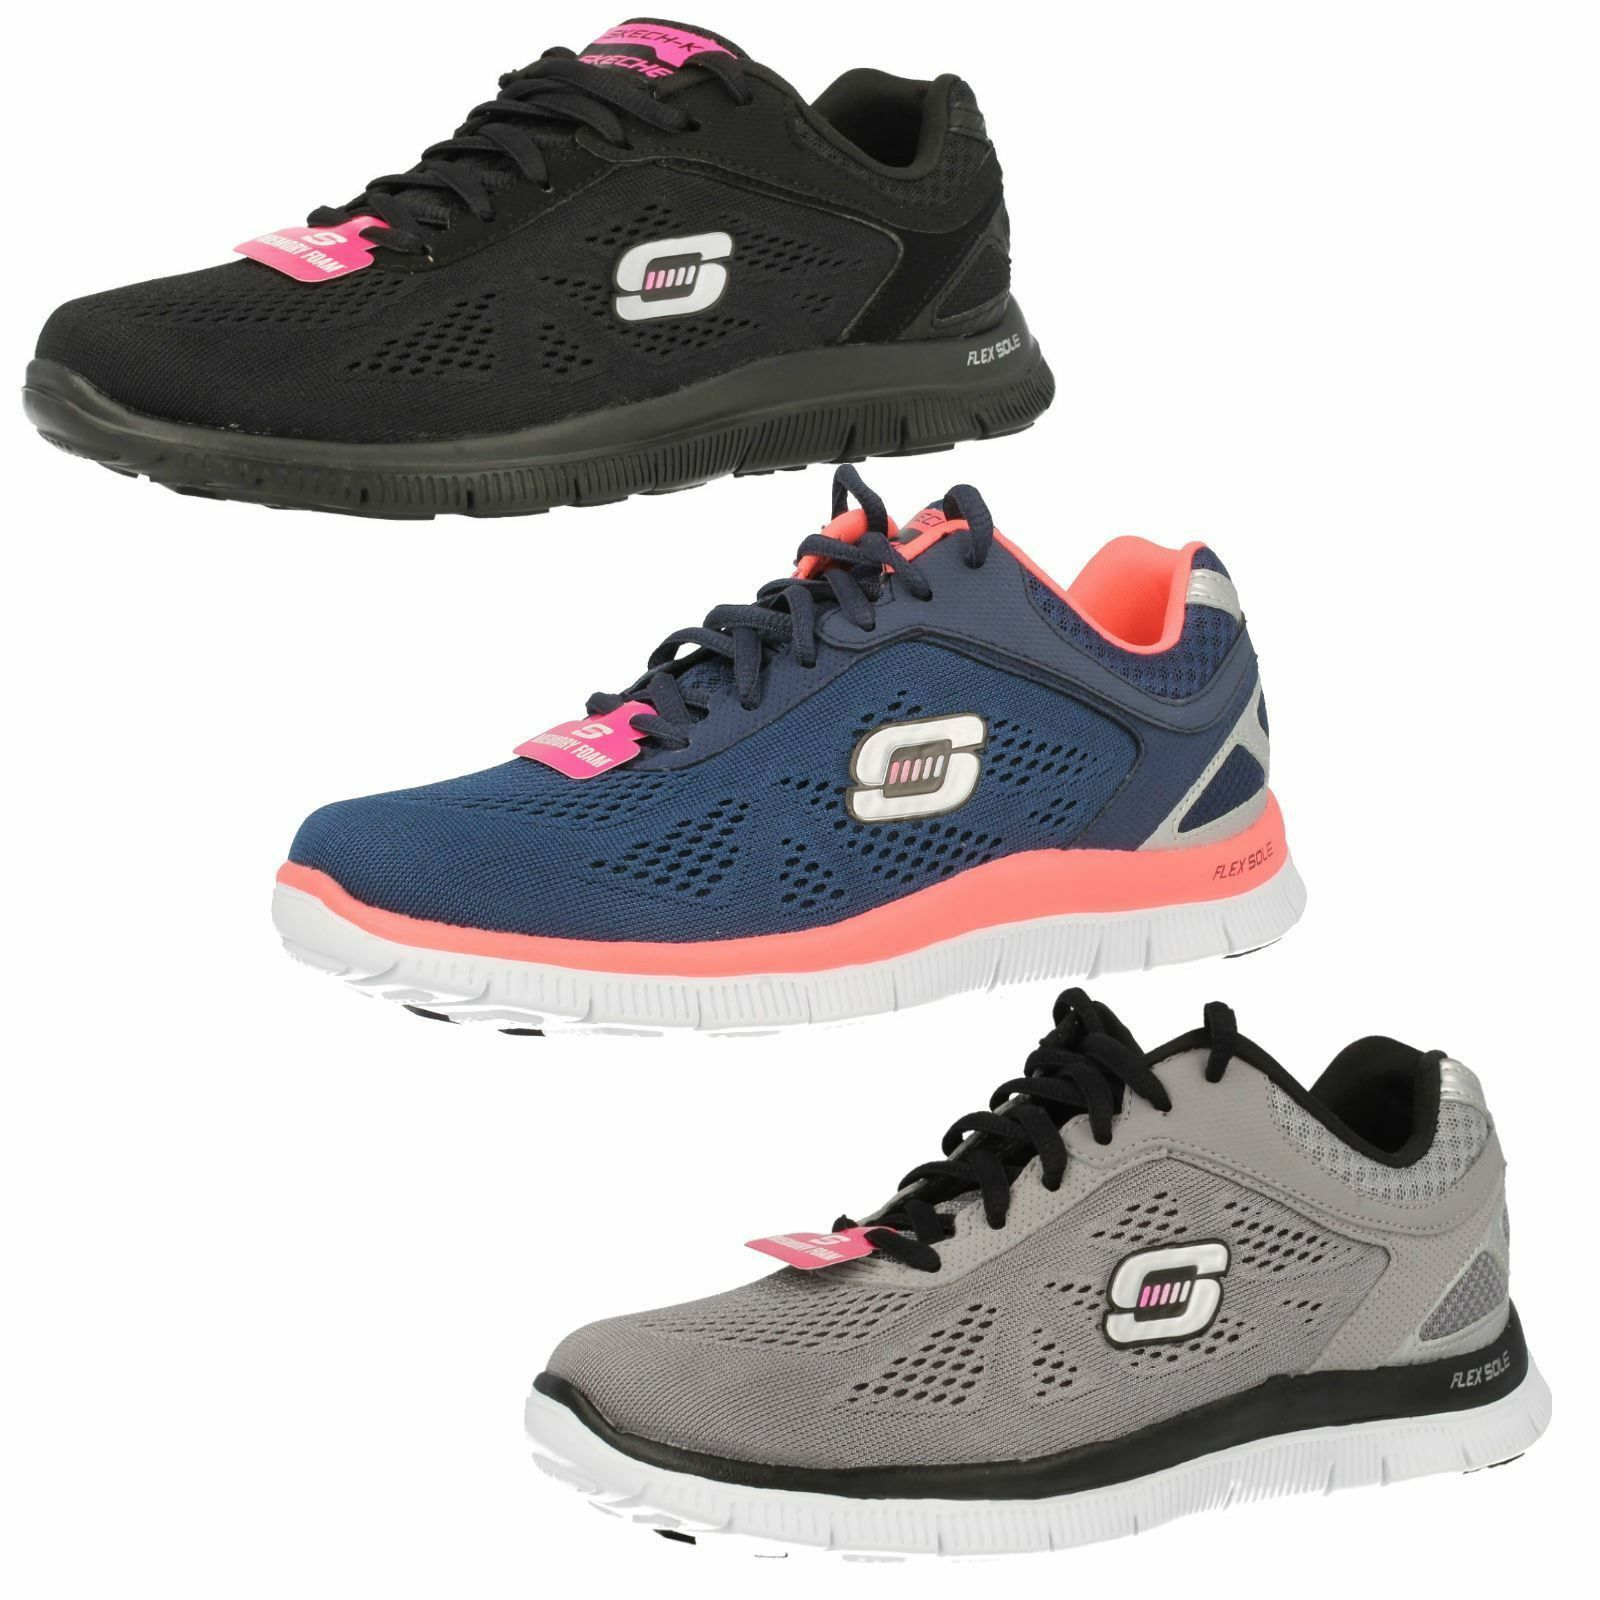 low priced ffd53 678ee Mujer Love su estilo Flex Appeal Zapatillas de Skechers Venta